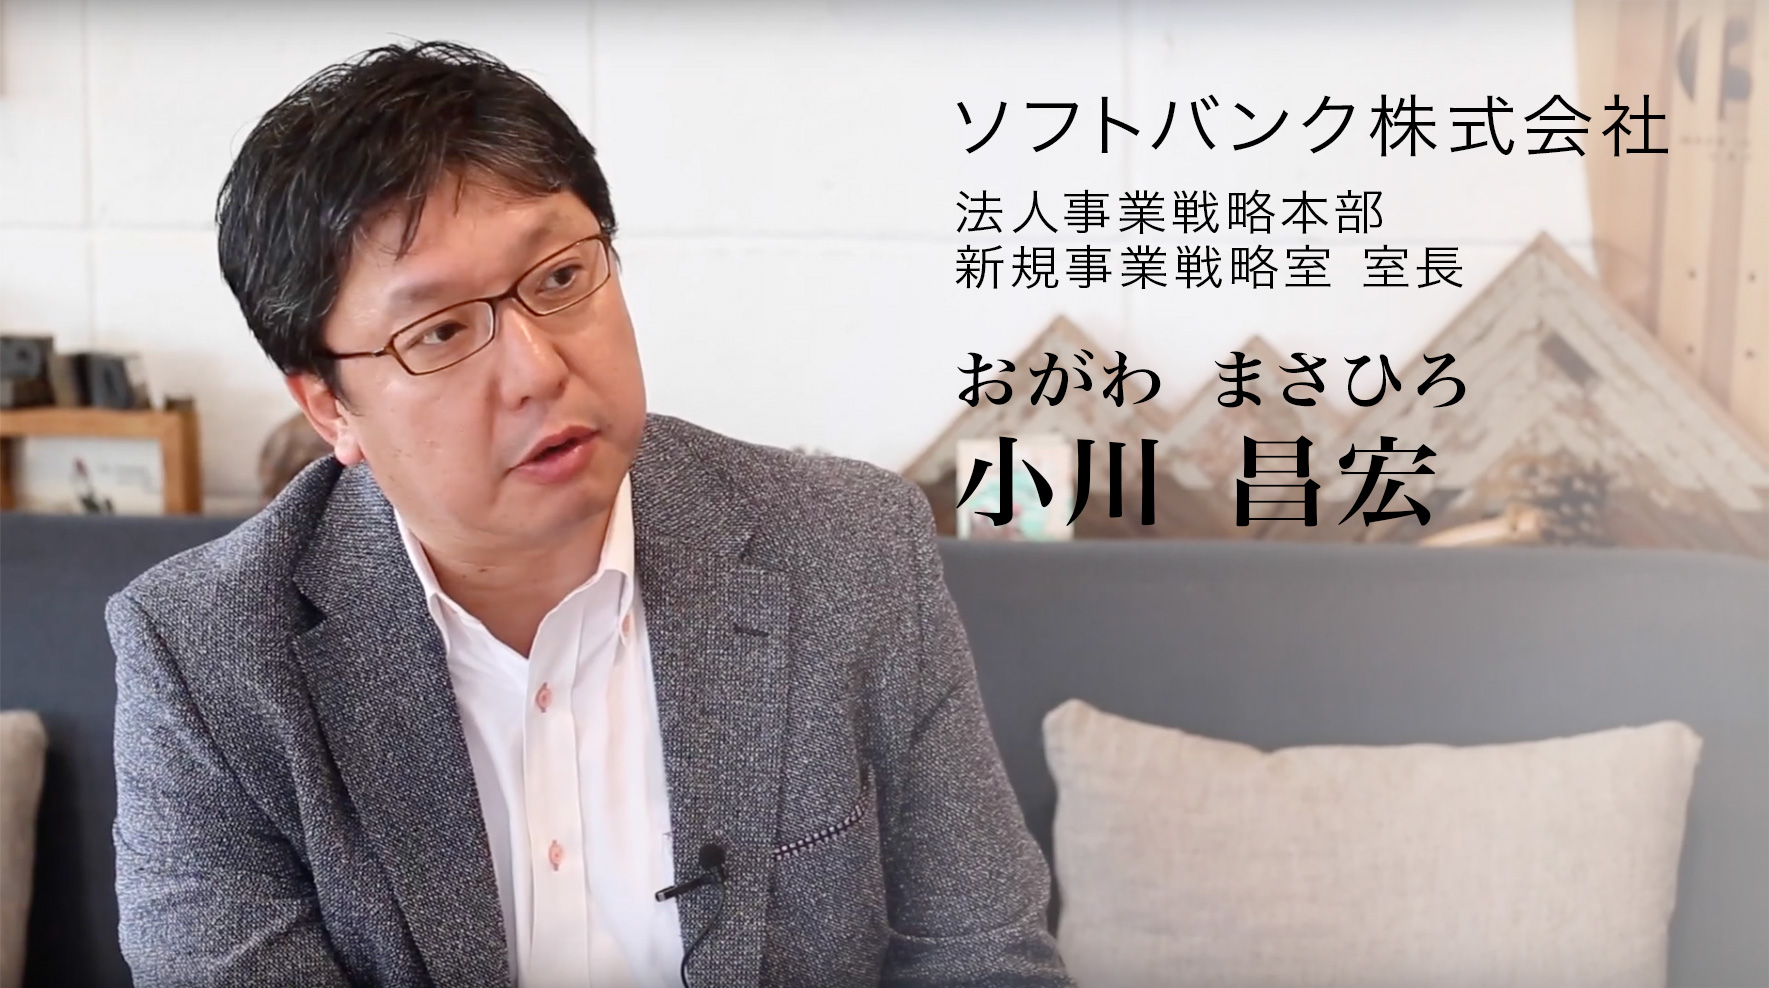 ソフトバンク株式会社 法人事業戦略本部 新規事業戦略室 室長 小川 昌宏 オガワ マサヒロ